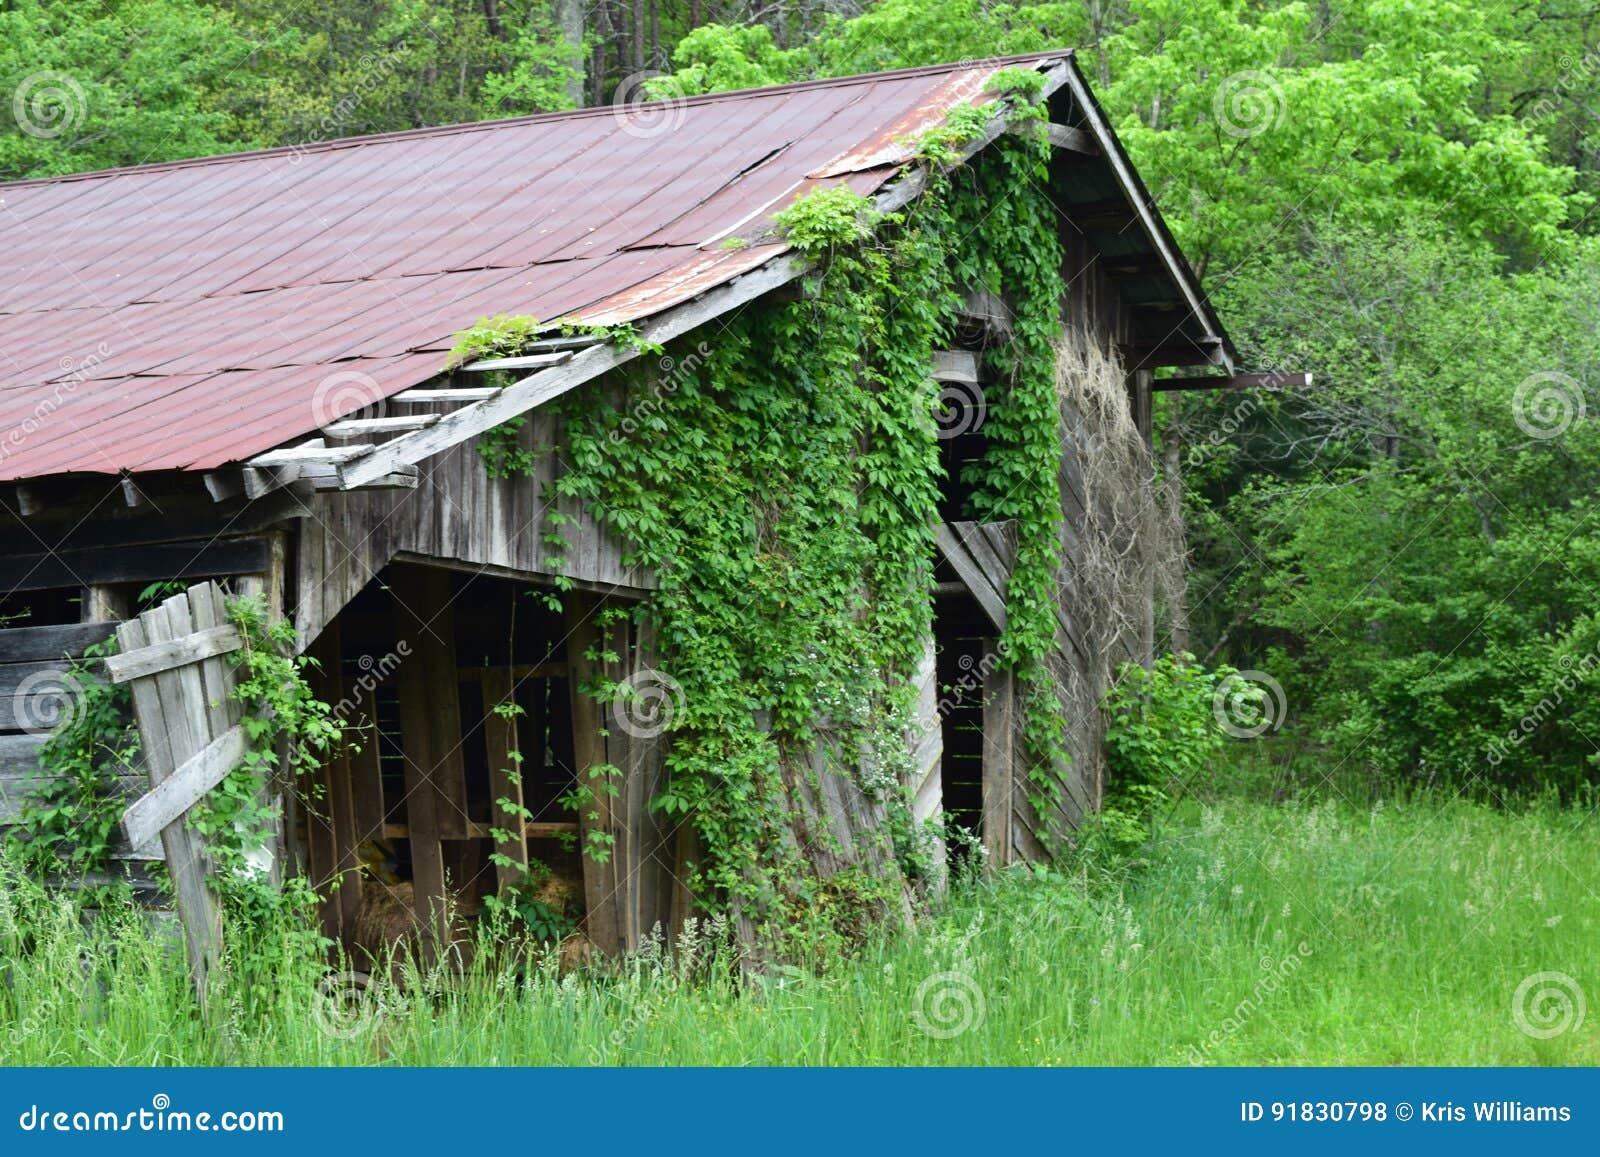 Western NC mountain old barn